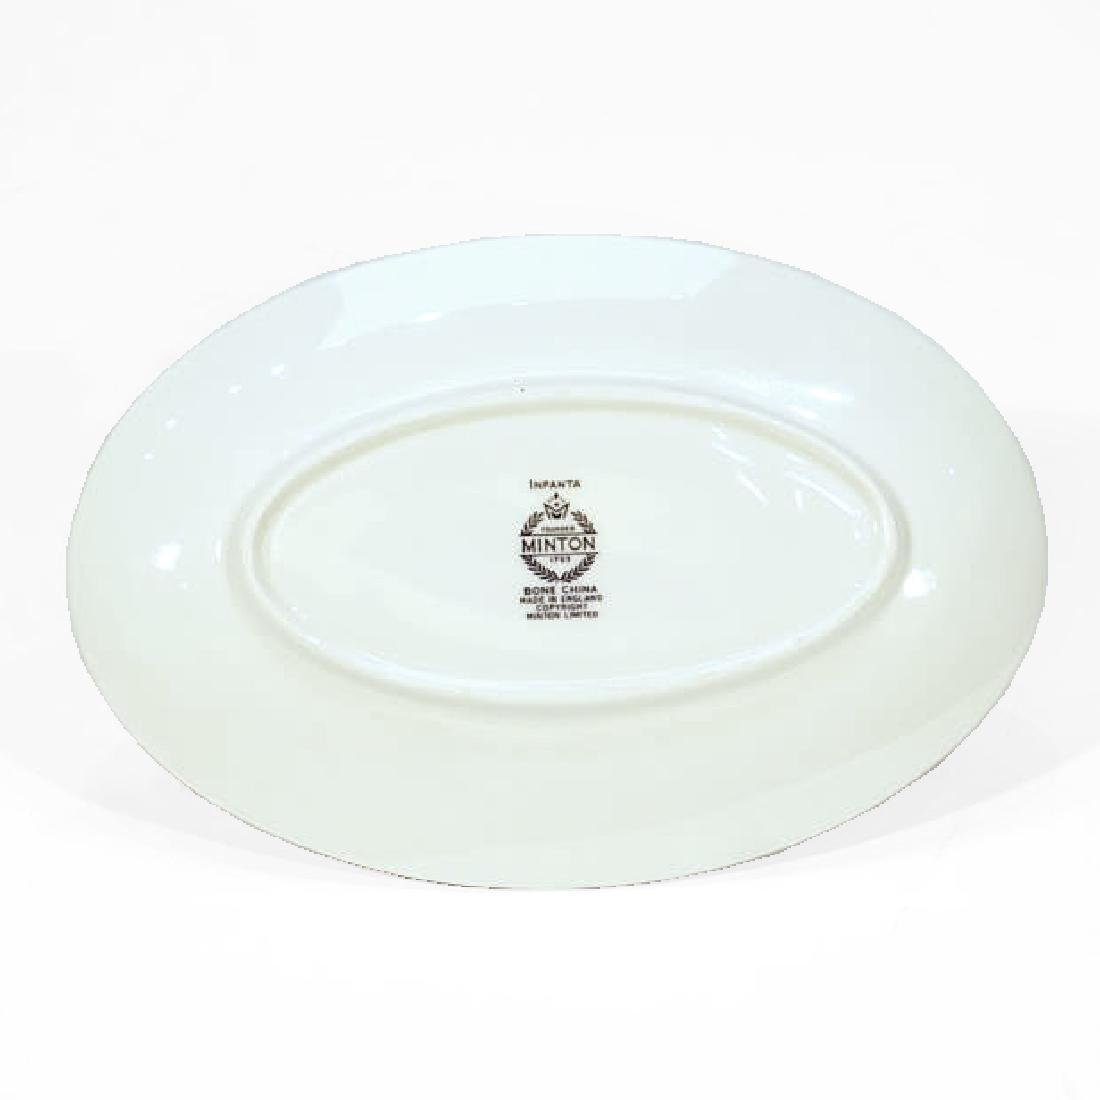 Set of Minton Porcelain Dinner Service (93 pieces) - 3